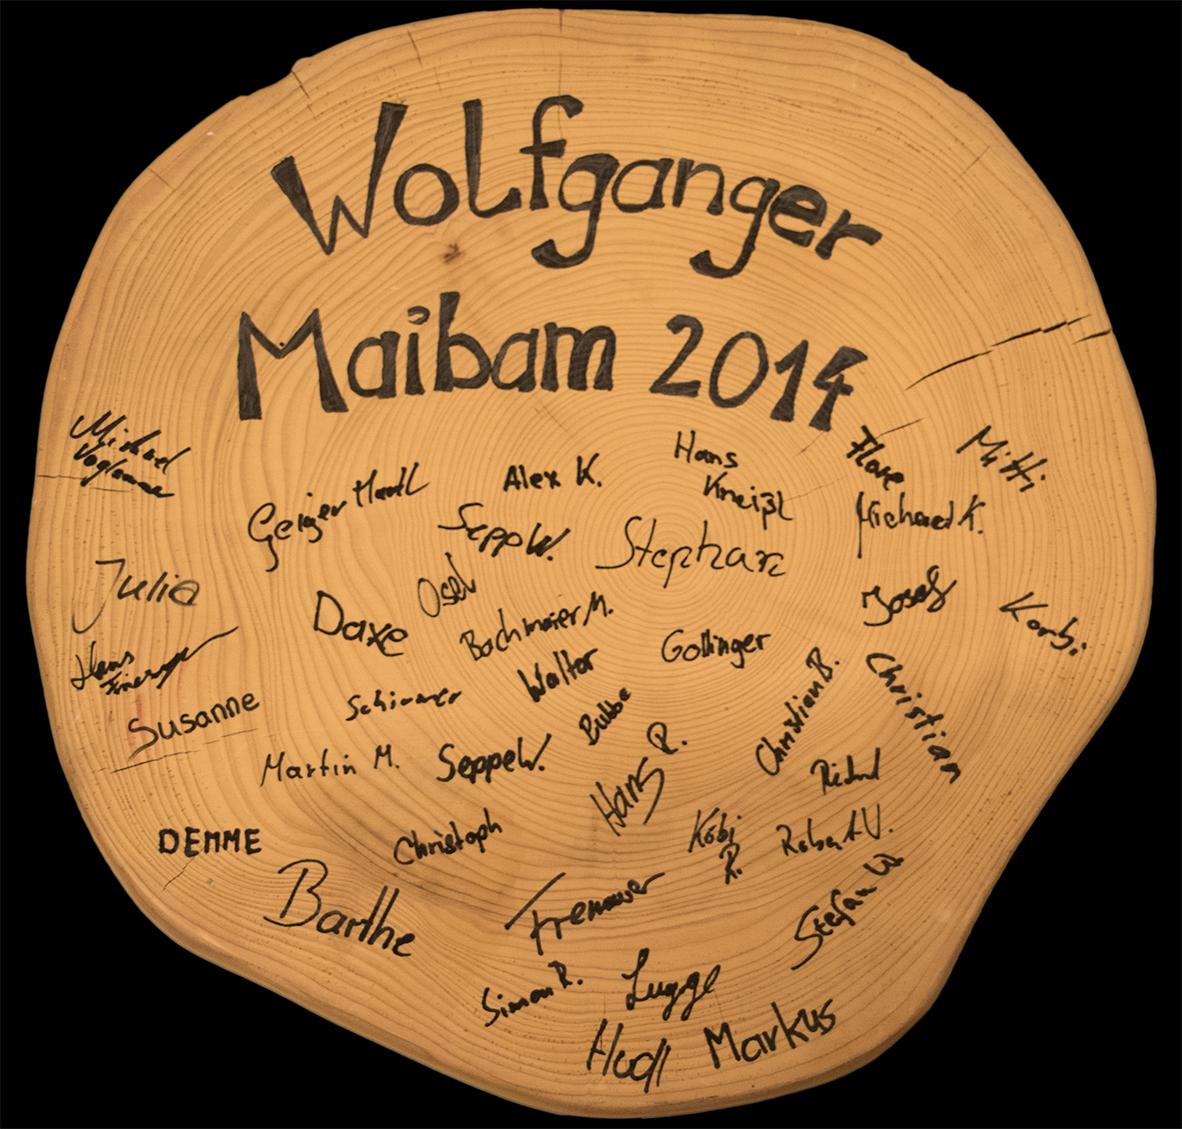 St_Wolfgang_Maibamscheim_2014